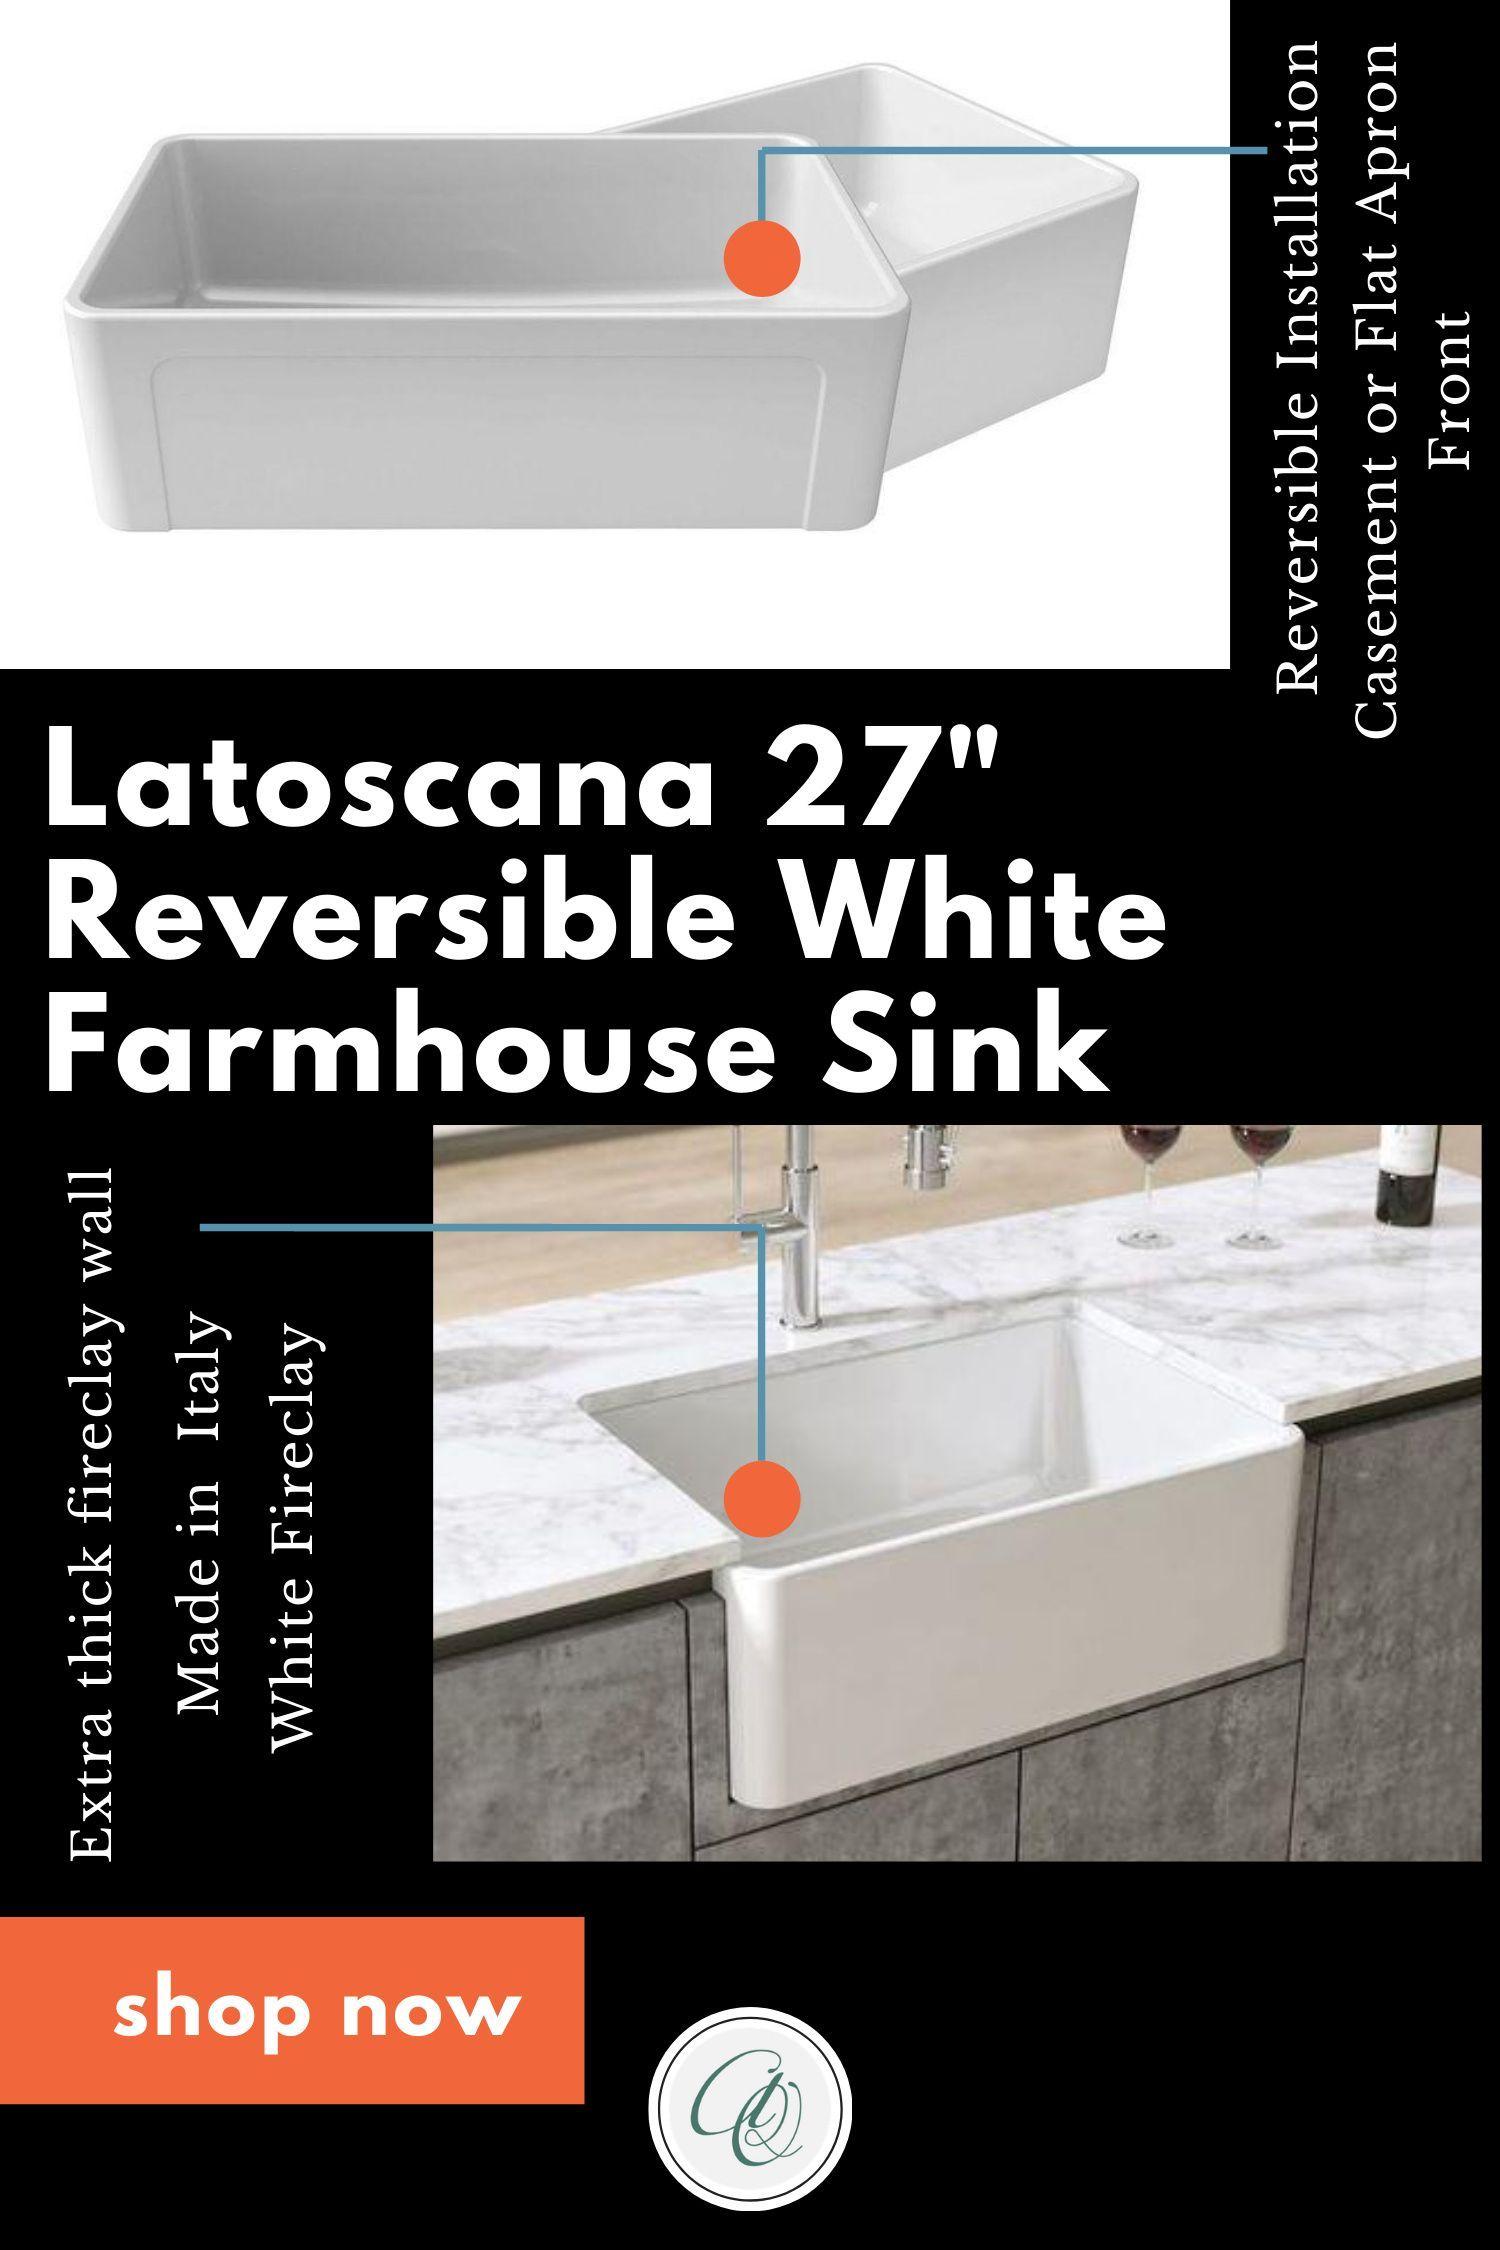 Latoscana Ltw2718w 27 White Fireclay Farmhouse Sink With Reversible Design Fireclay Farmhouse Sink Farmhouse Sink White Farm Sink